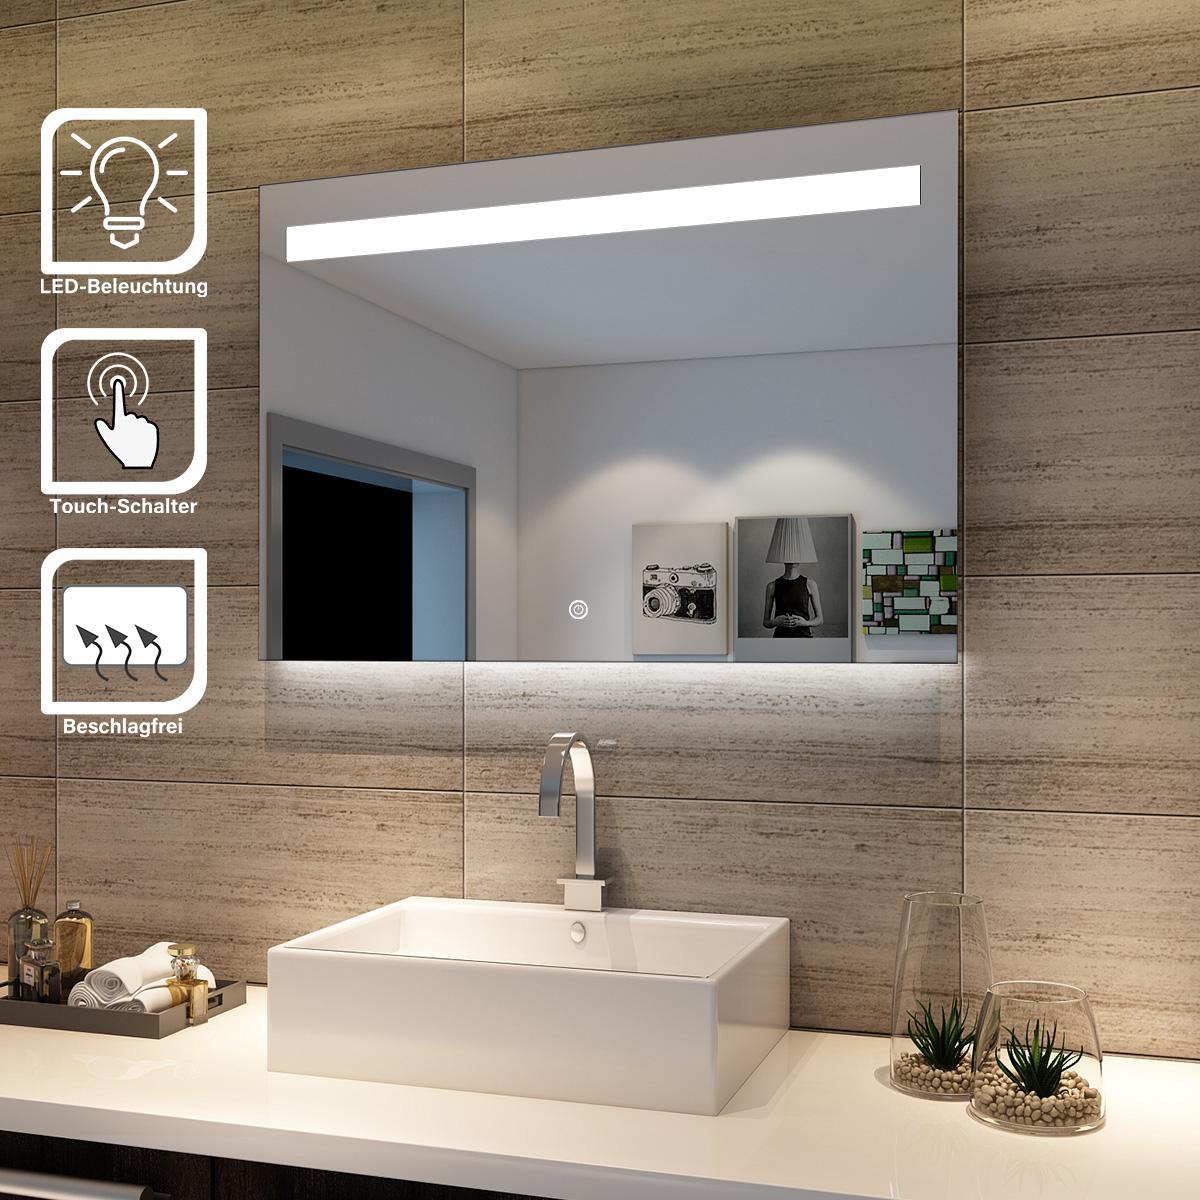 Details zu LED bad spiegel für Badezimmer mit Beleuchtung Touchschalter  Badspiegel kaltweiß